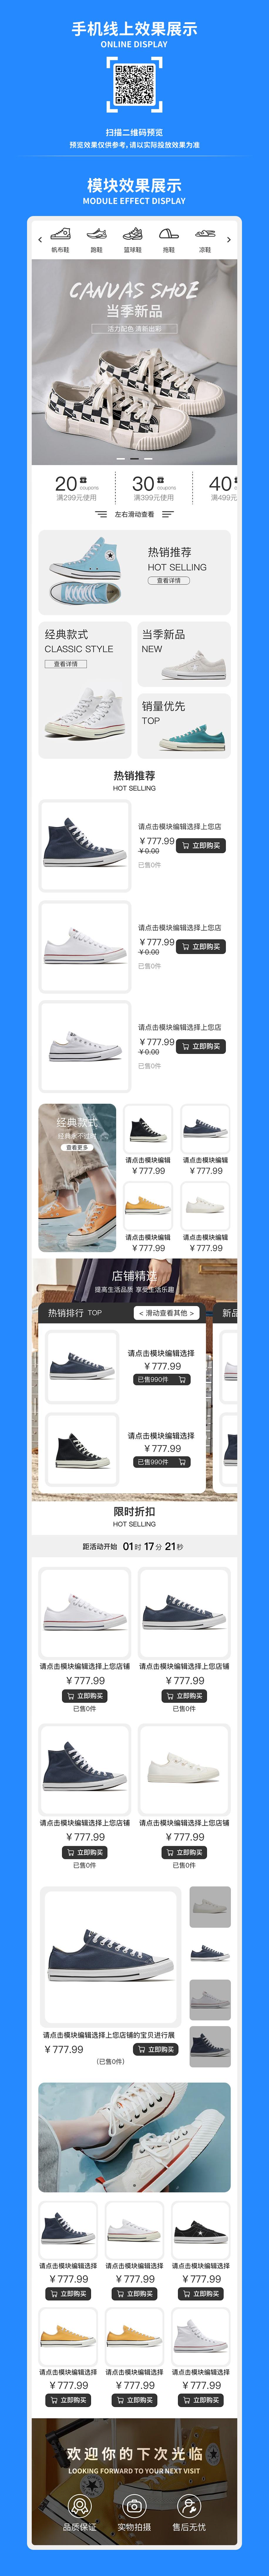 100运动鞋靴微商城-第二屏介绍.jpg